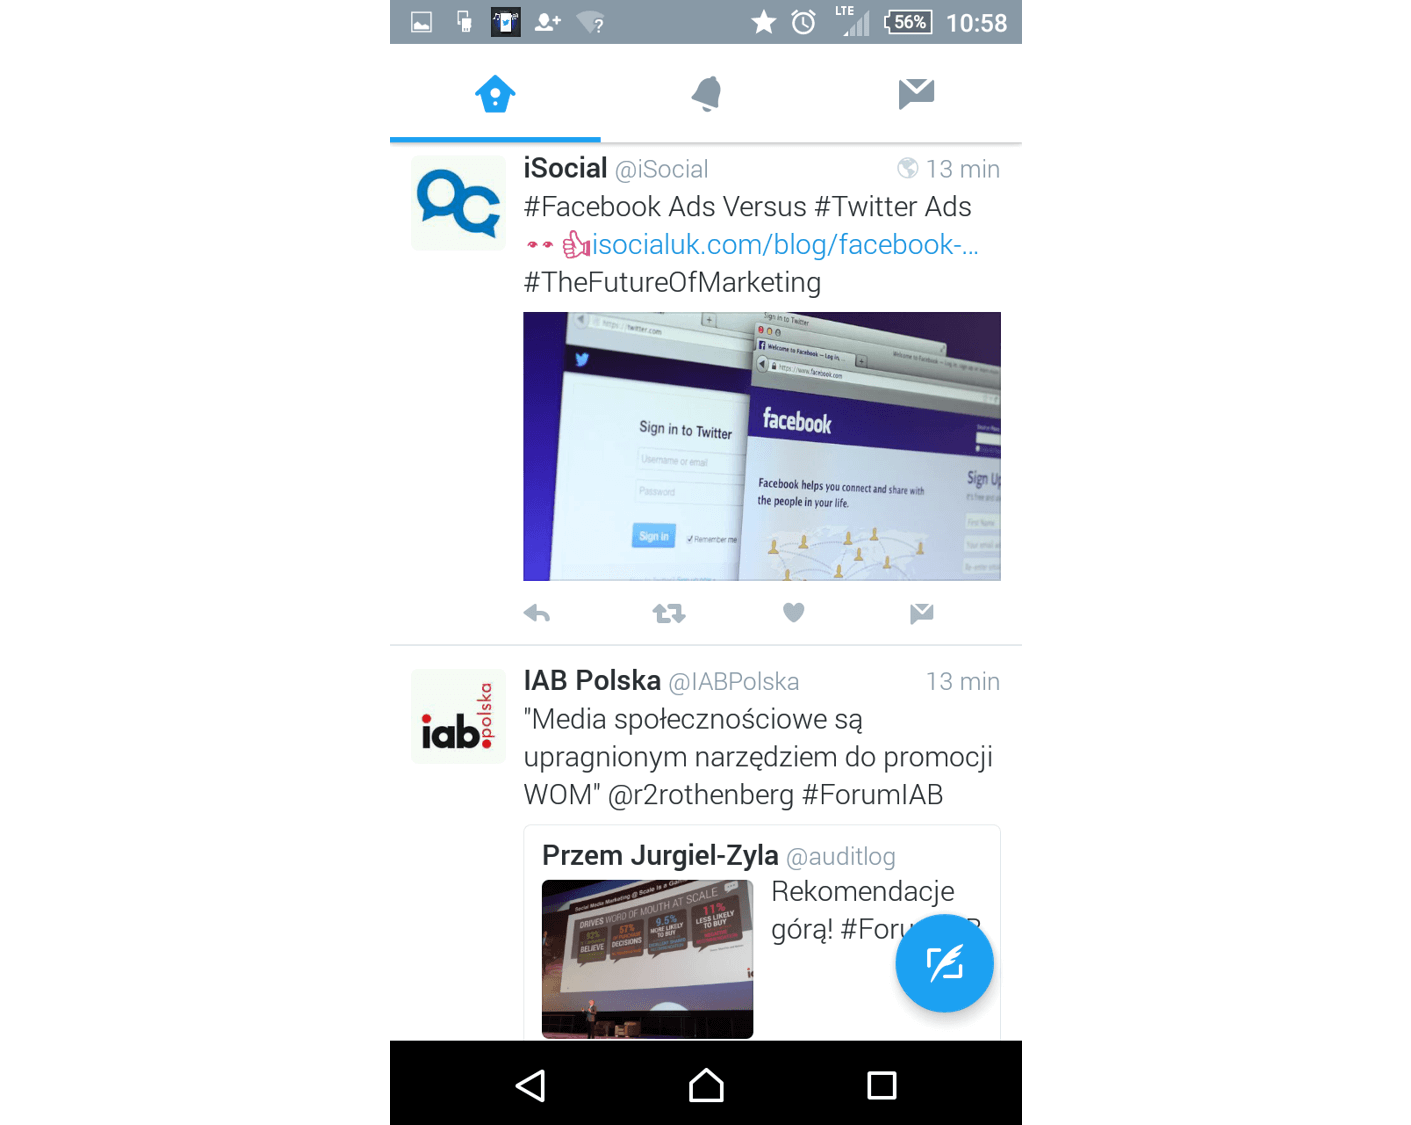 Nowy wyglad Twittera na Androidzie_NapoleonCat.com-przycisk do tweetowania